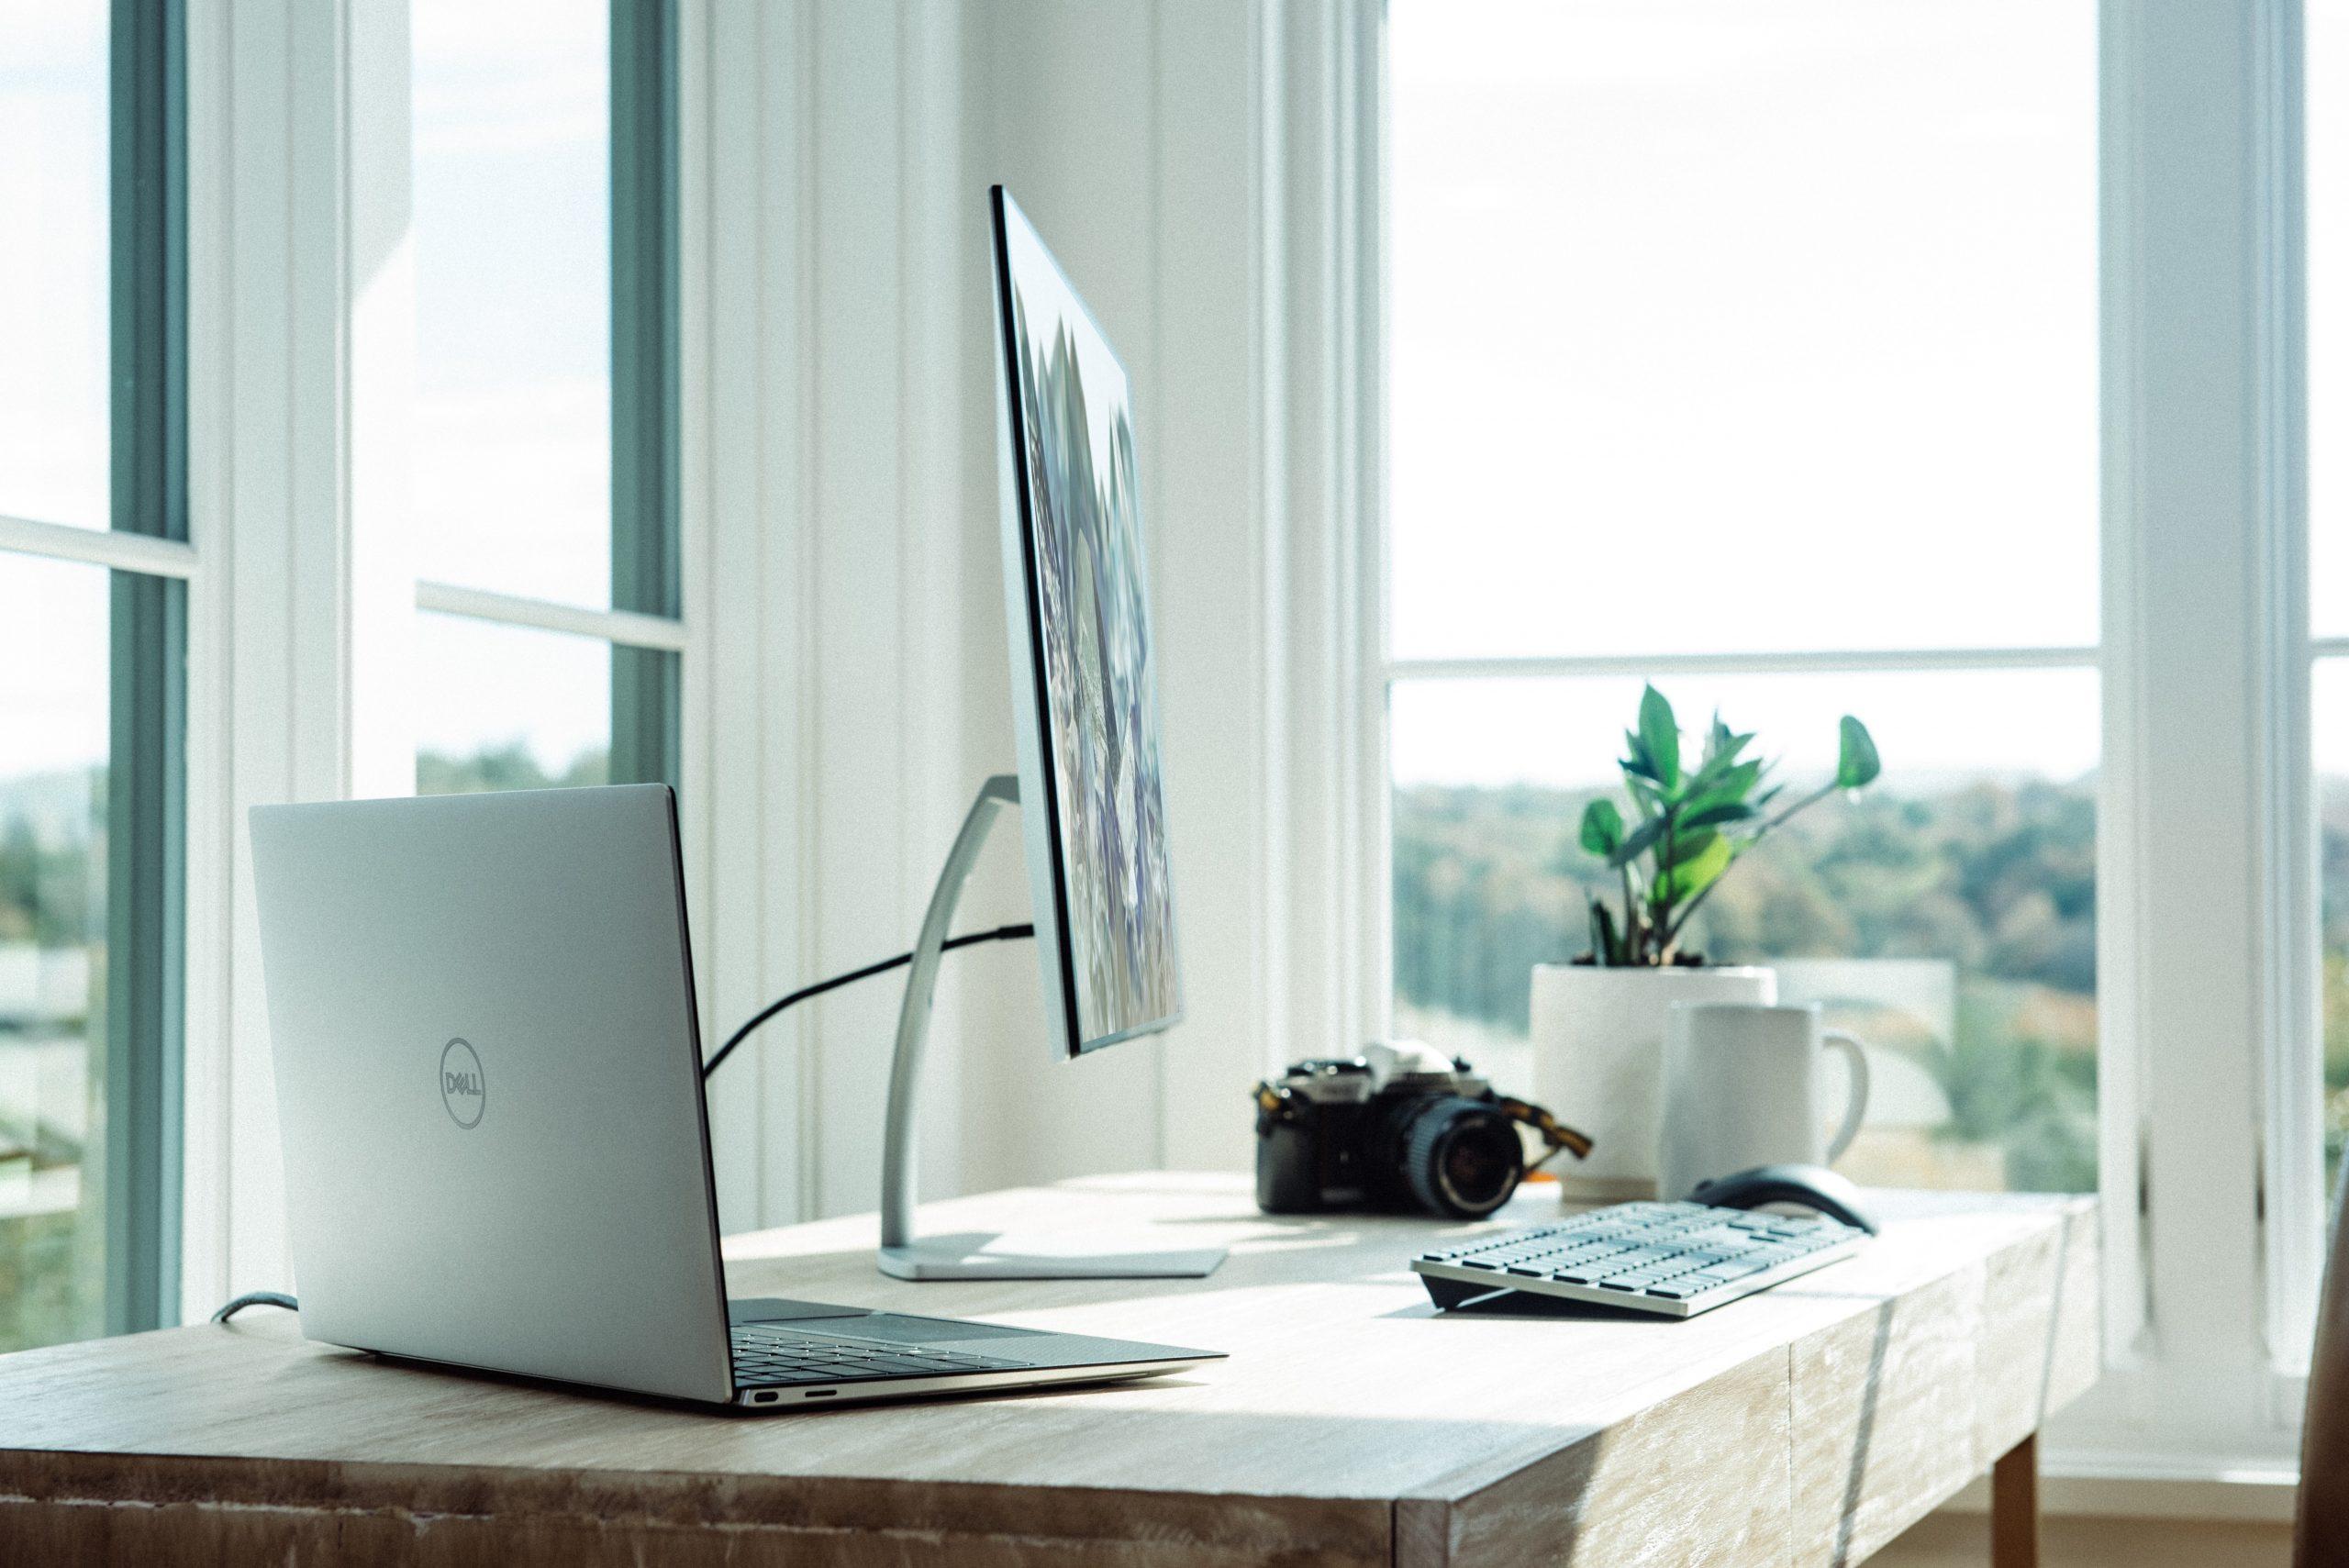 Home office Arbeitsplatz mit Schreibtischund PC